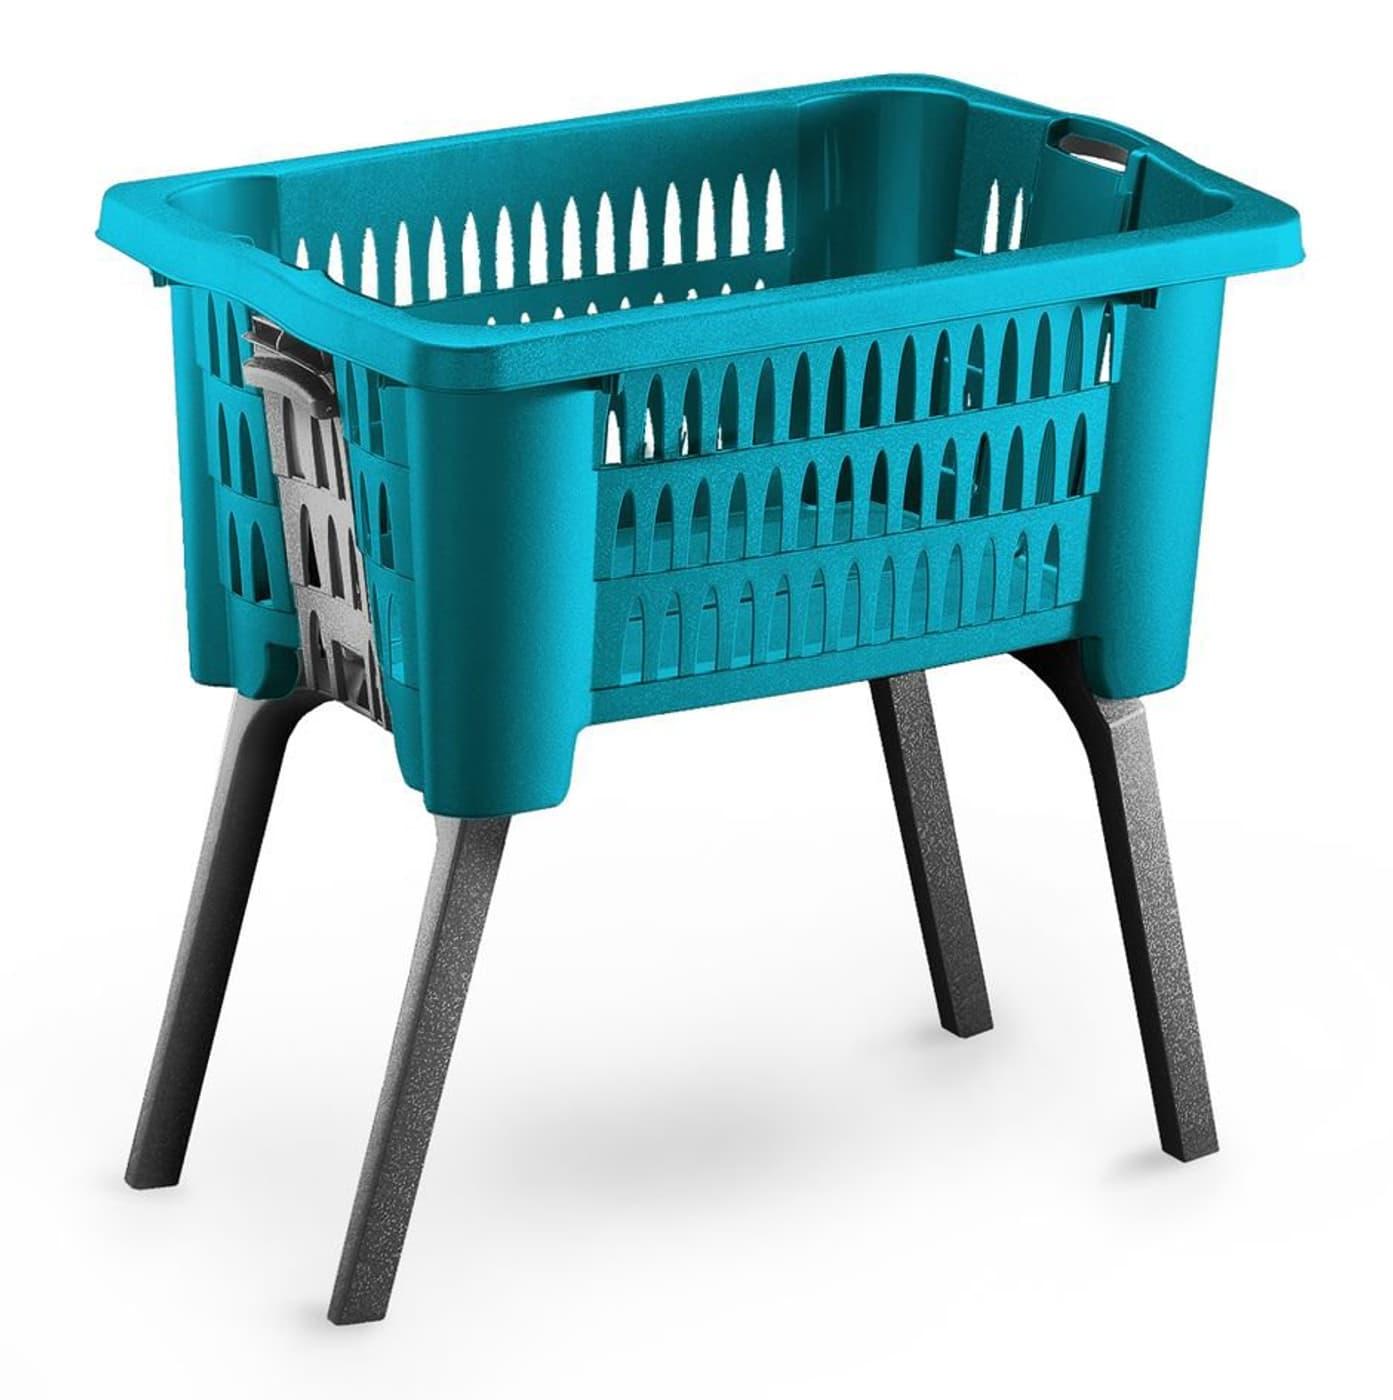 Wäschekorb mit ausklappbaren Beinen petrol Migros ~ 01012028_Bauhaus Wäschekorb Mit Beinen